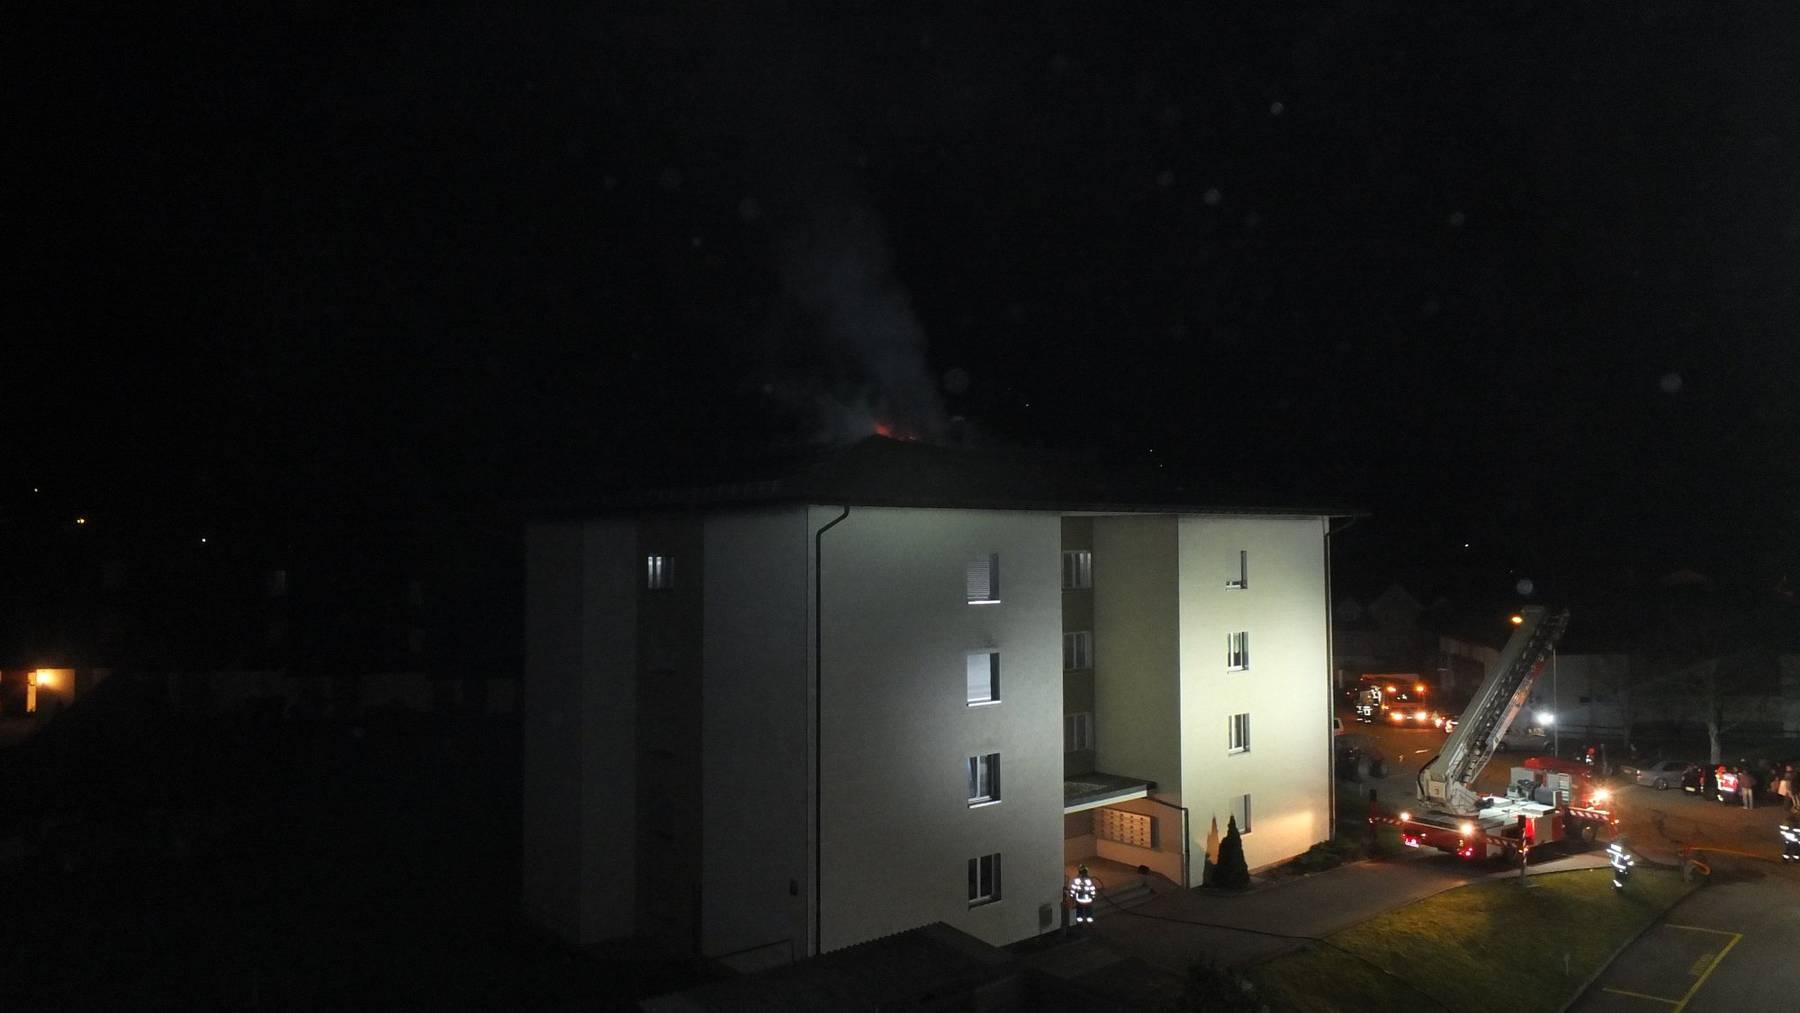 Der Brand brach kurz vor 5 Uhr aus.